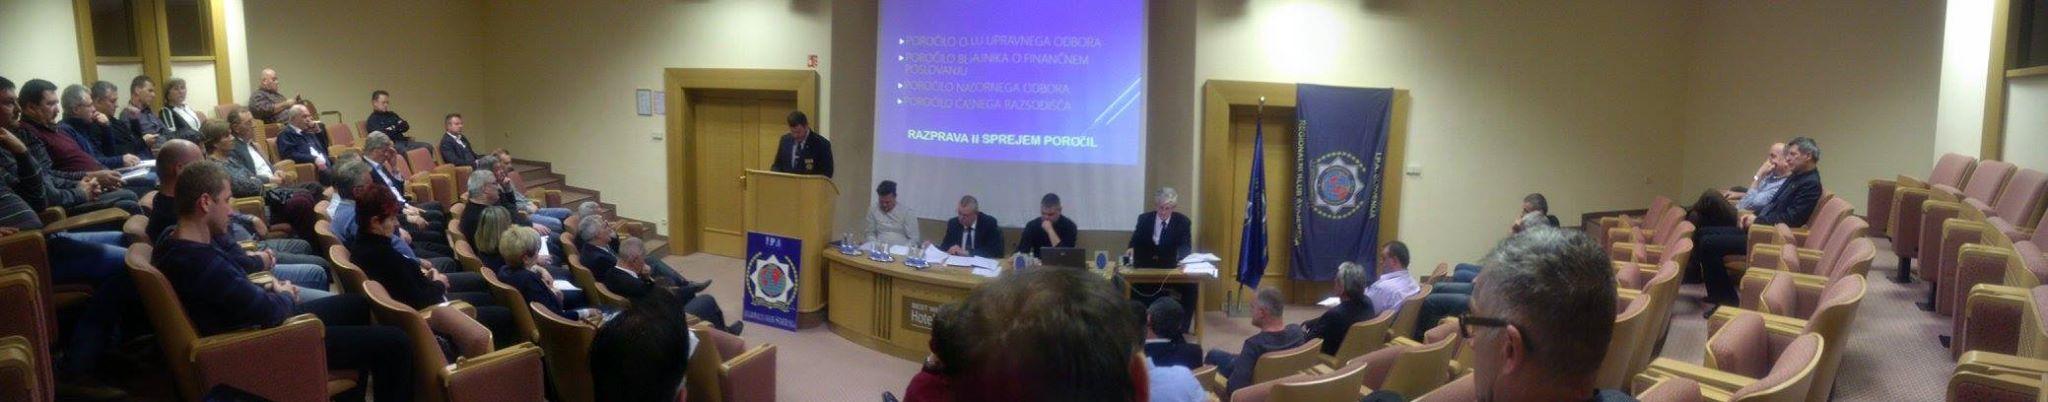 Izvolili nove člane upravnega in nadzornega odbora ter častnega razsodišča